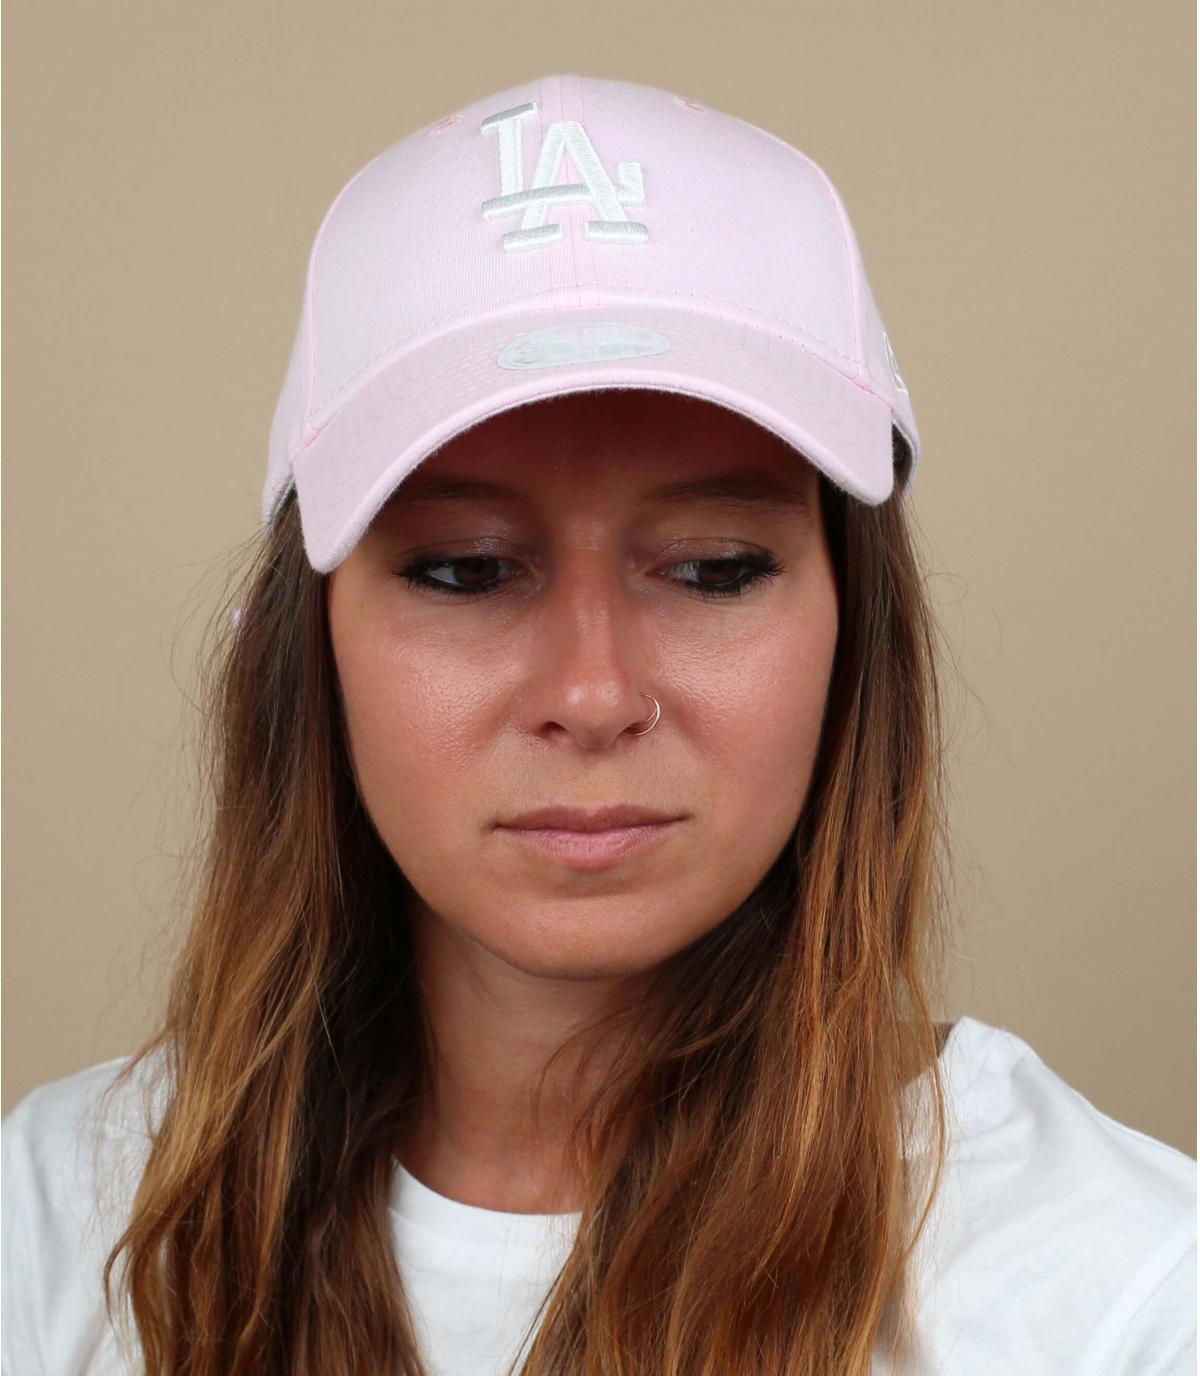 cappello donna LA rosa